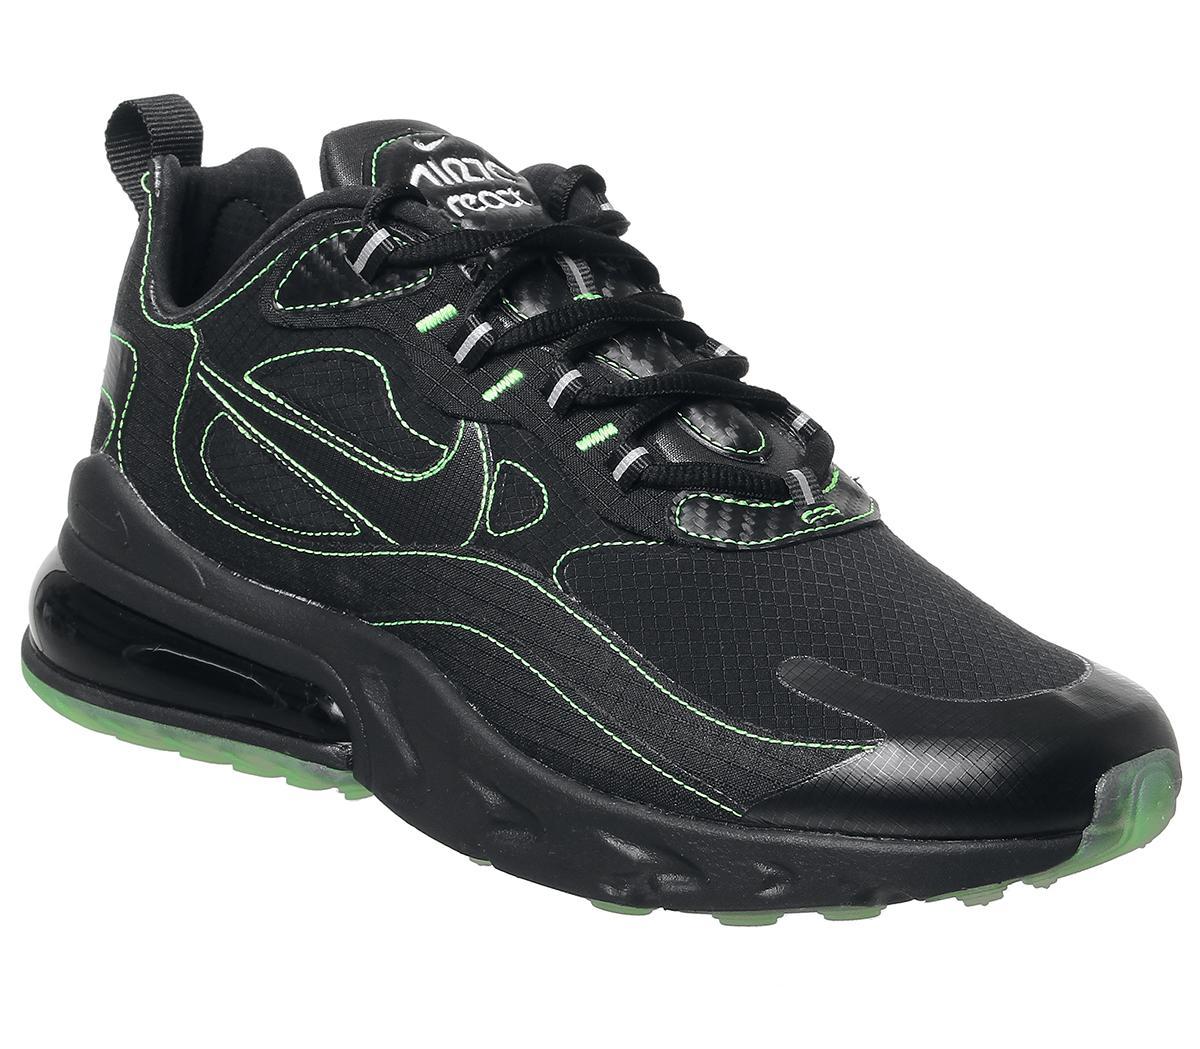 270 air max black and green